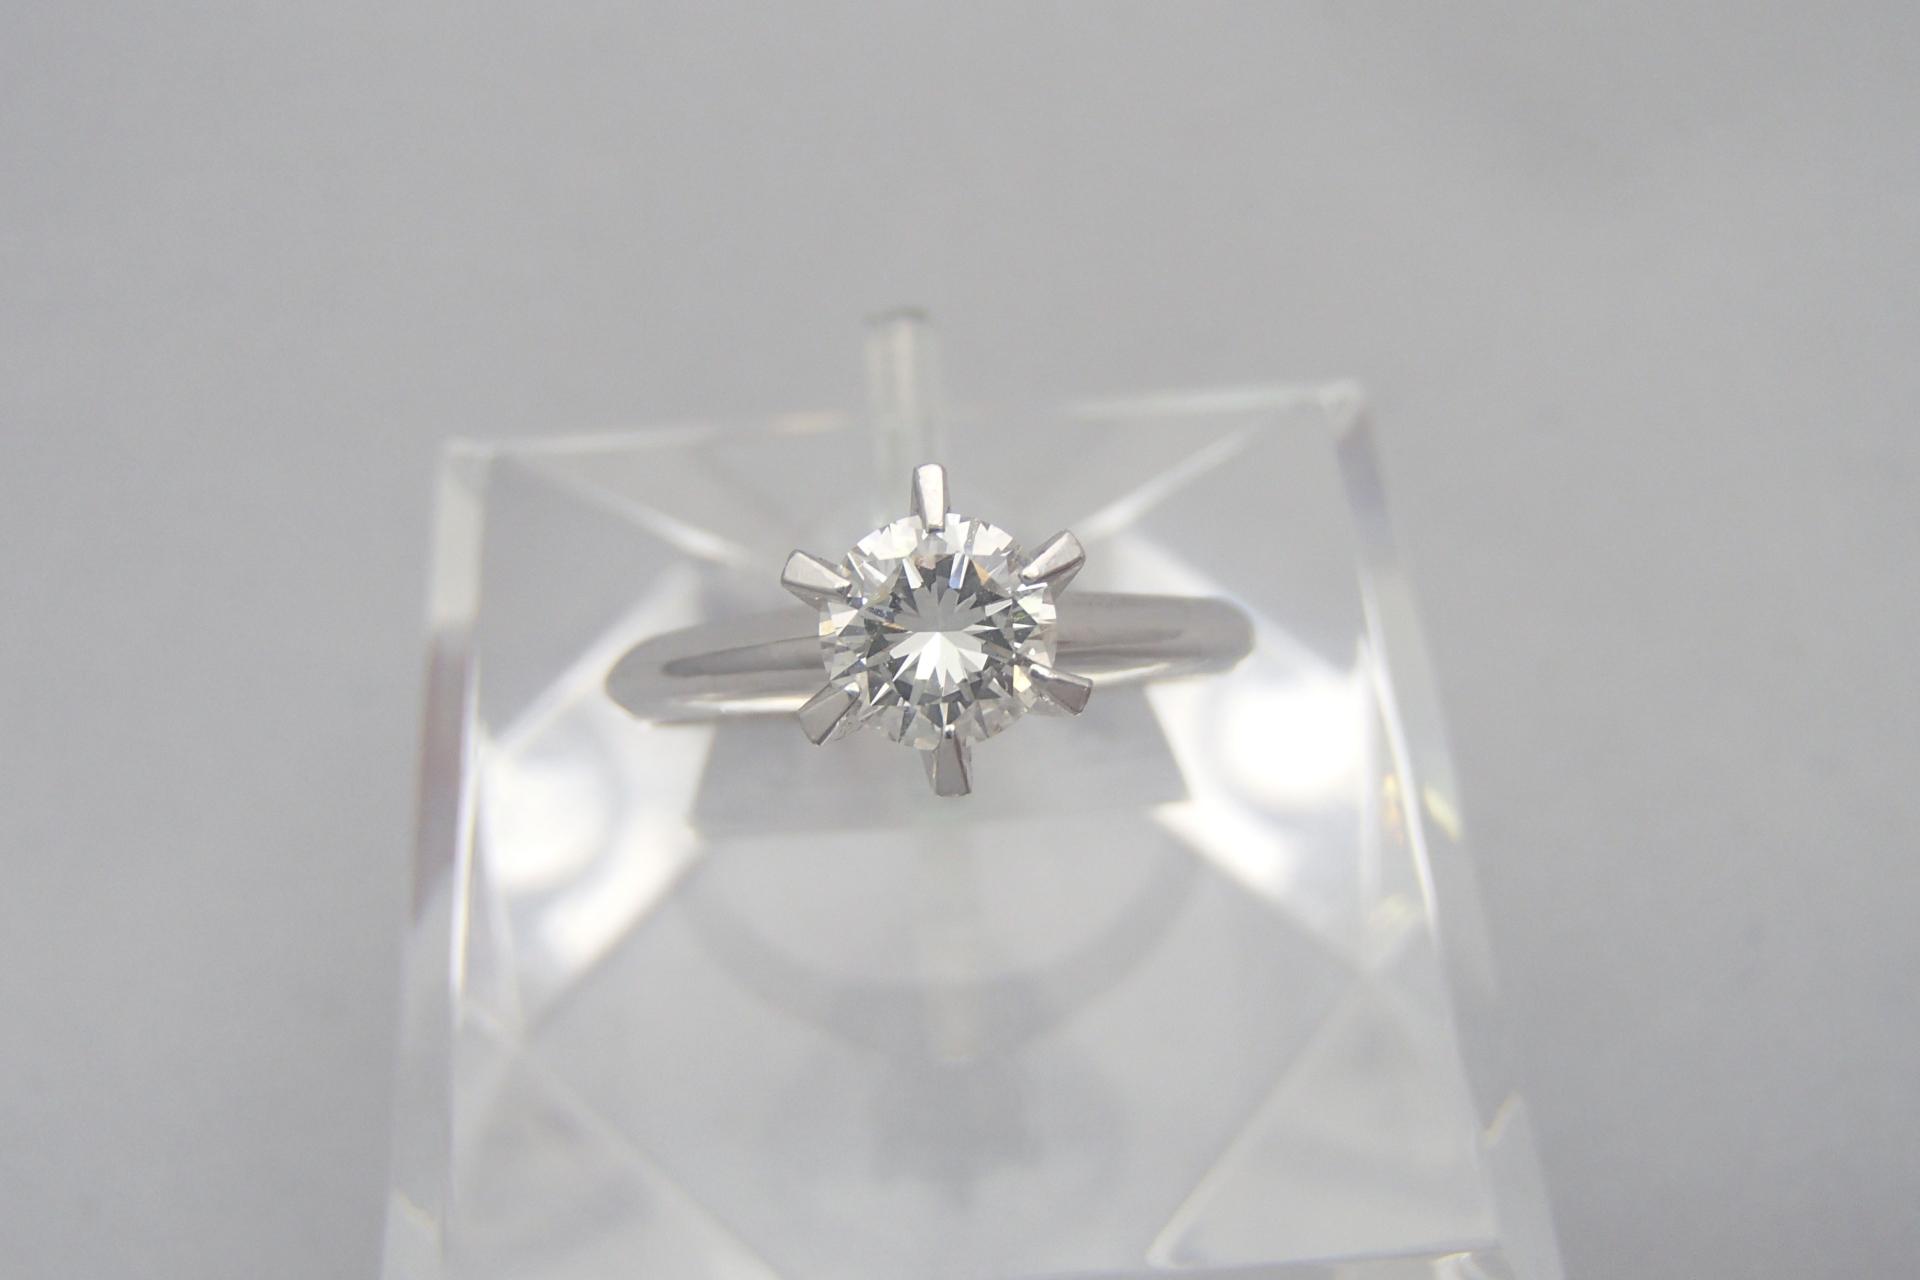 ダイヤの種類で値段が変わる?いろいろなダイヤの値段をご紹介します